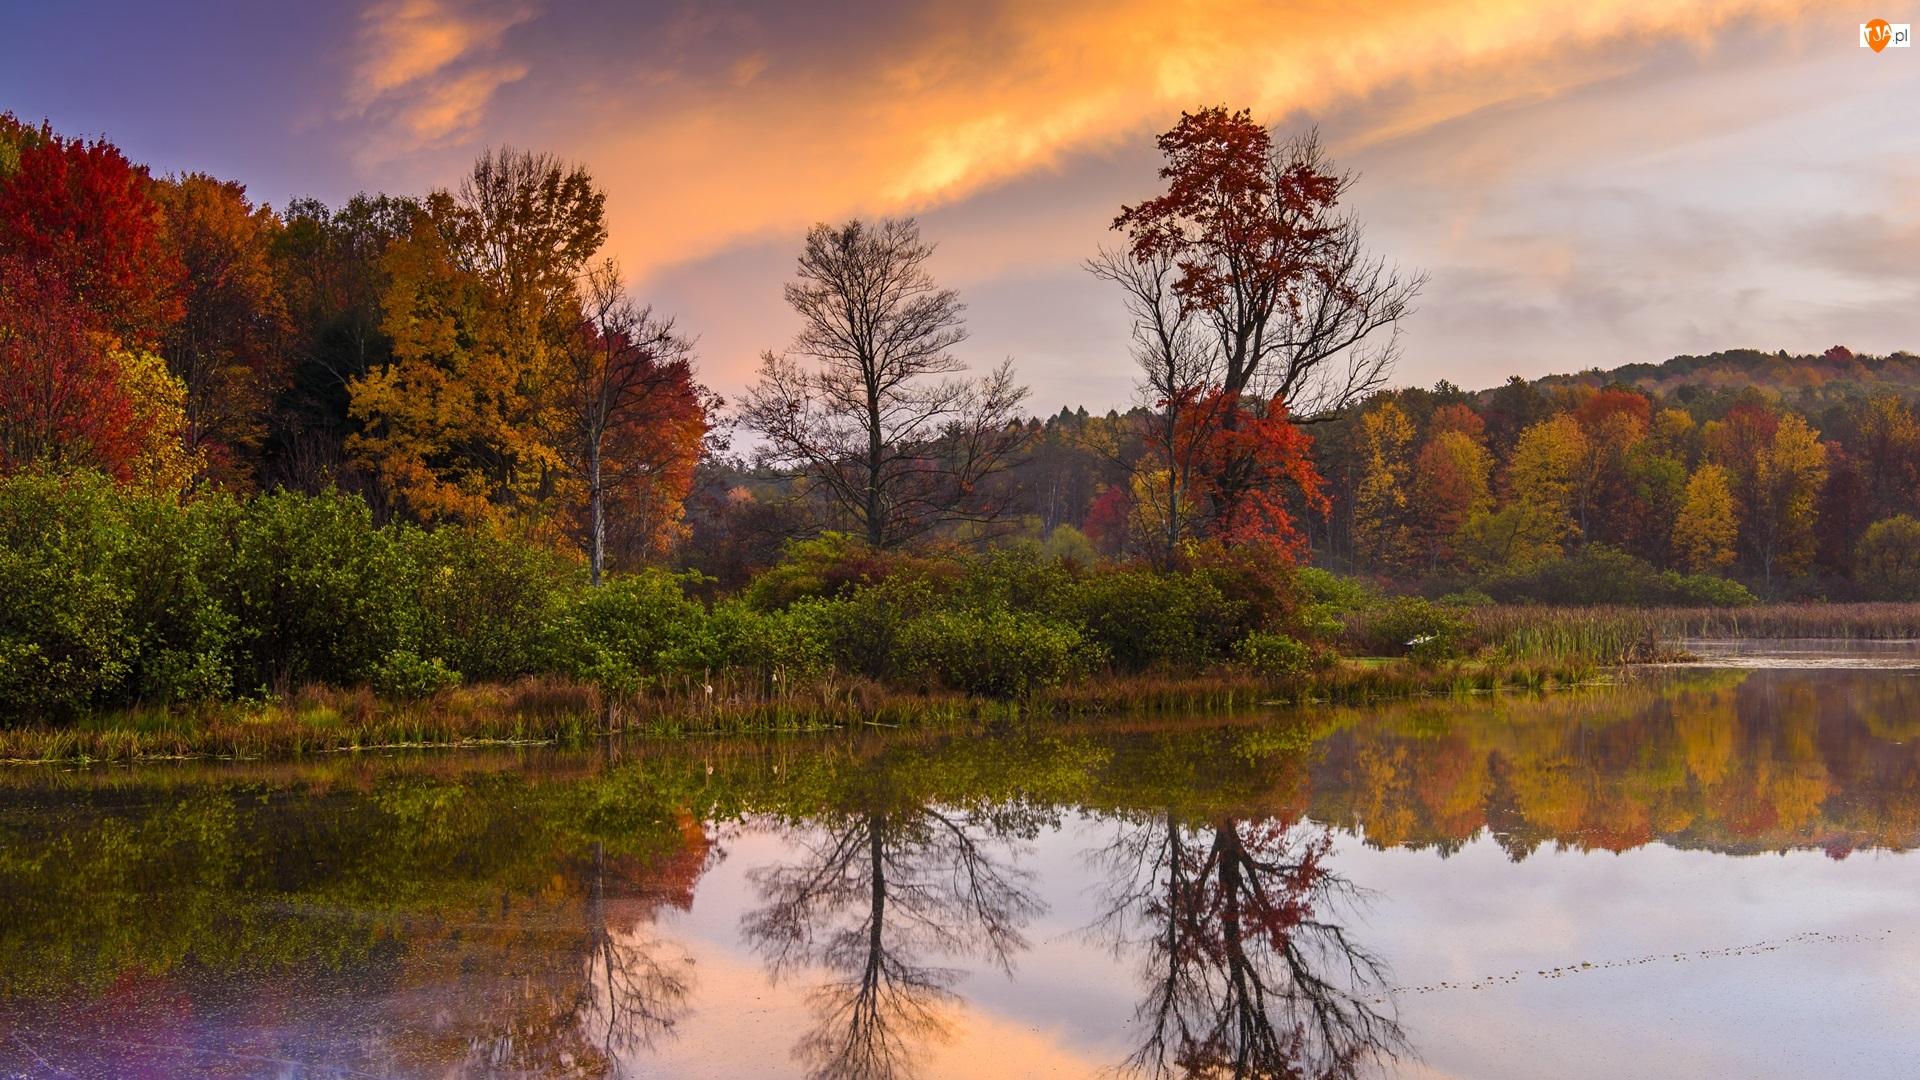 Drzewa, Jezioro, Roślinność, Wschód słońca, Krzewy, Jesień